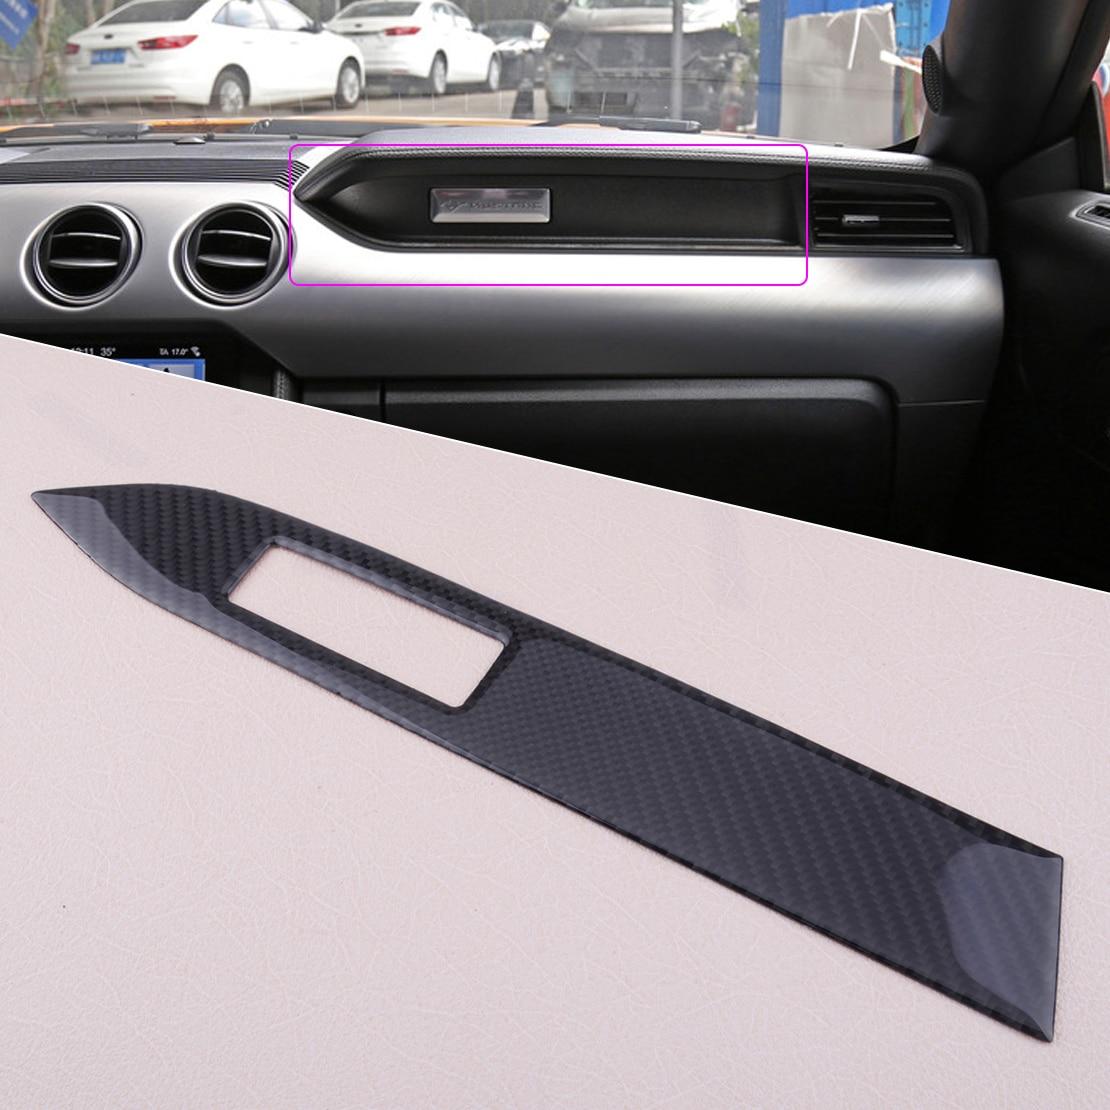 Beler Intérieur En Fiber De Carbone Center 37x5.3 cm Console Panneau Couverture Trim fit pour Ford Mustang 2015-2018